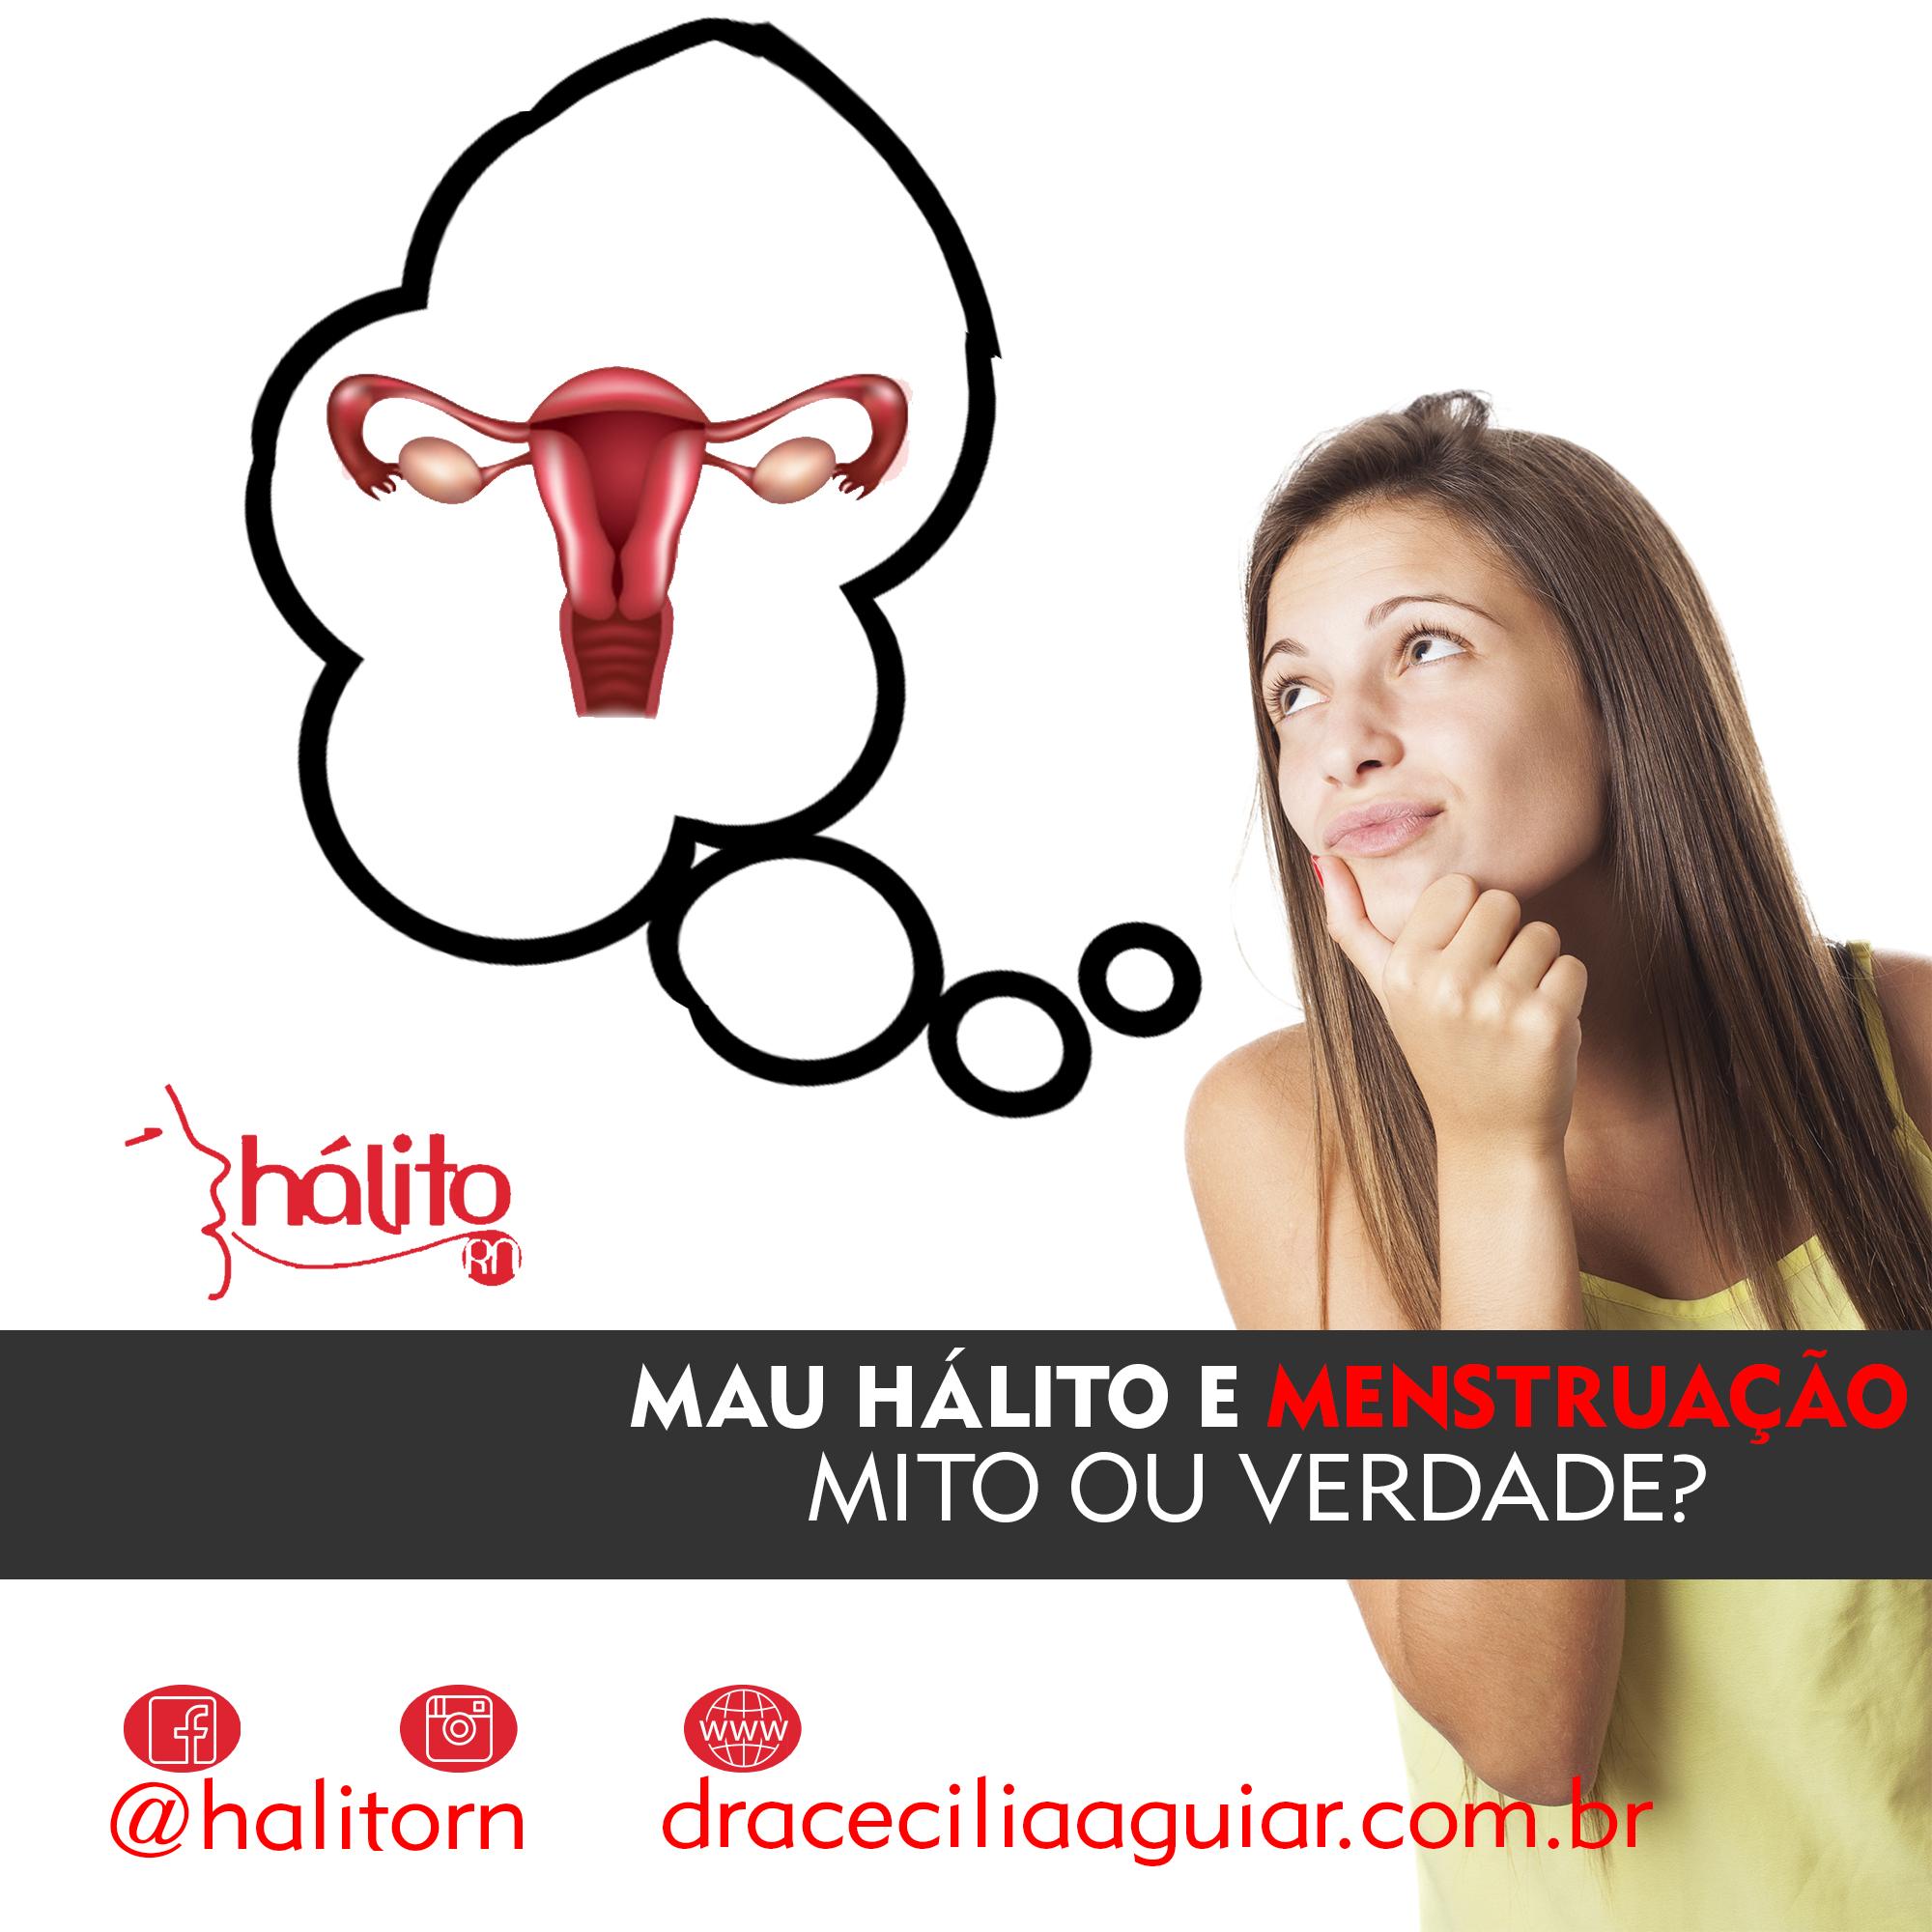 Mau hálito e menstruação: mito ou verdade?